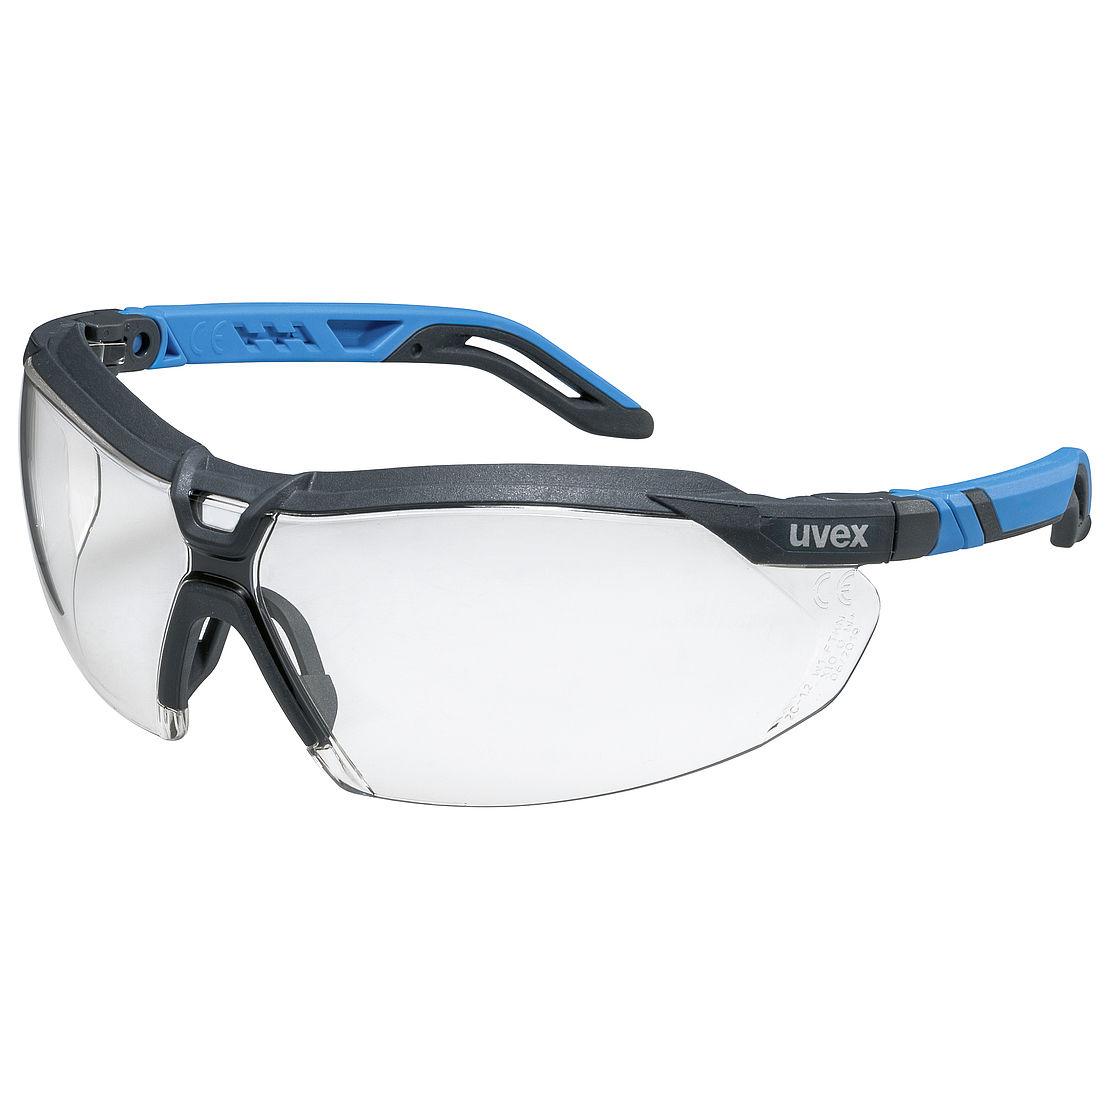 adjustable safety glasses